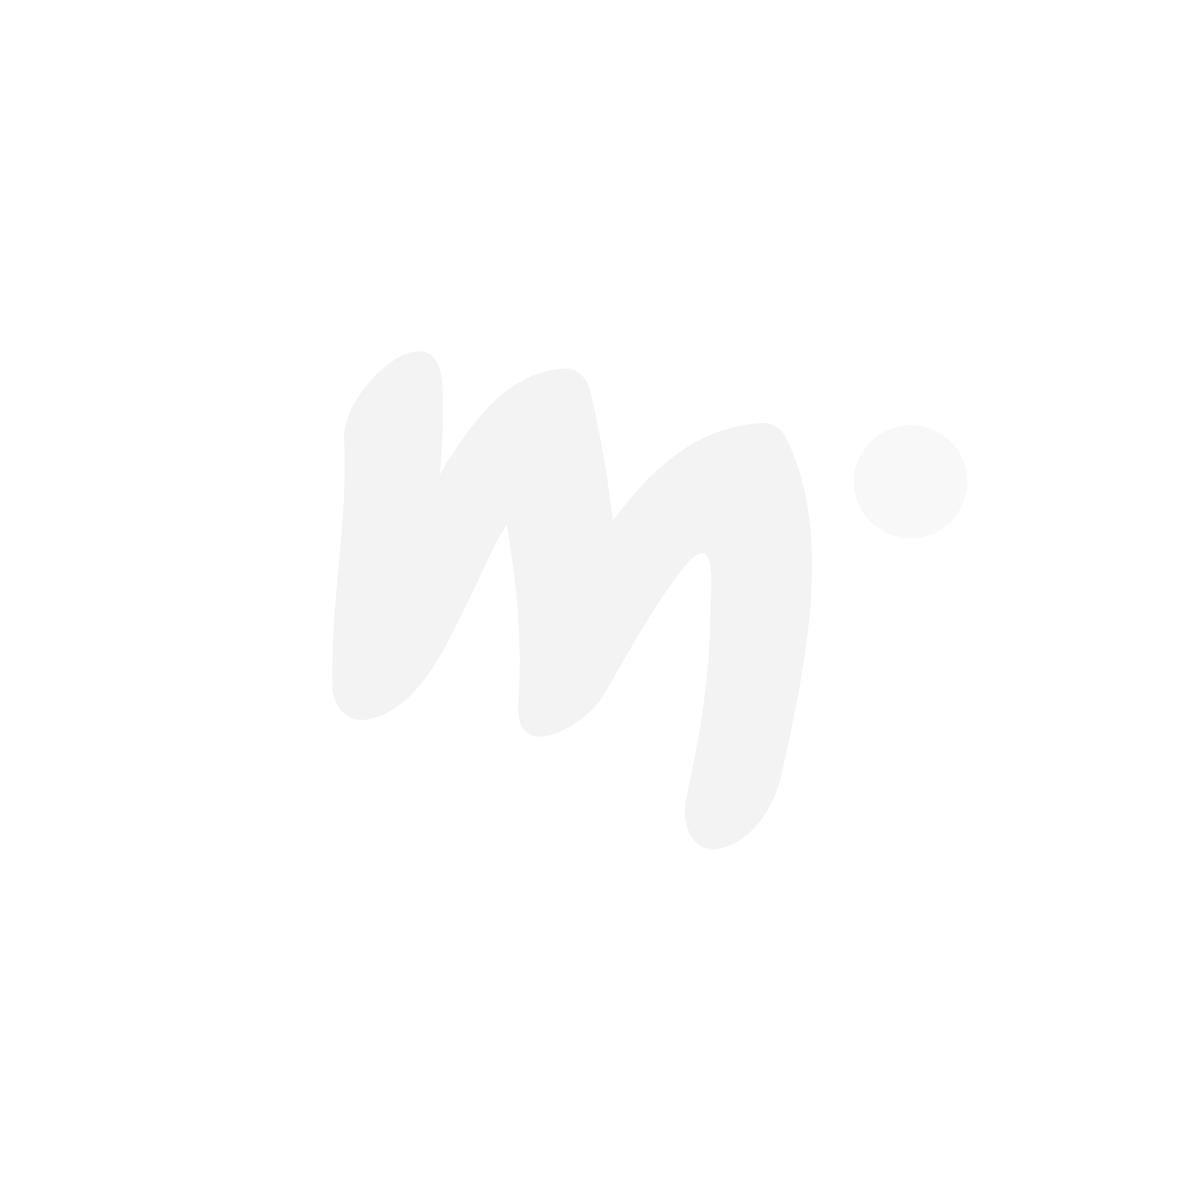 Moomin Snufkin Bathfigure